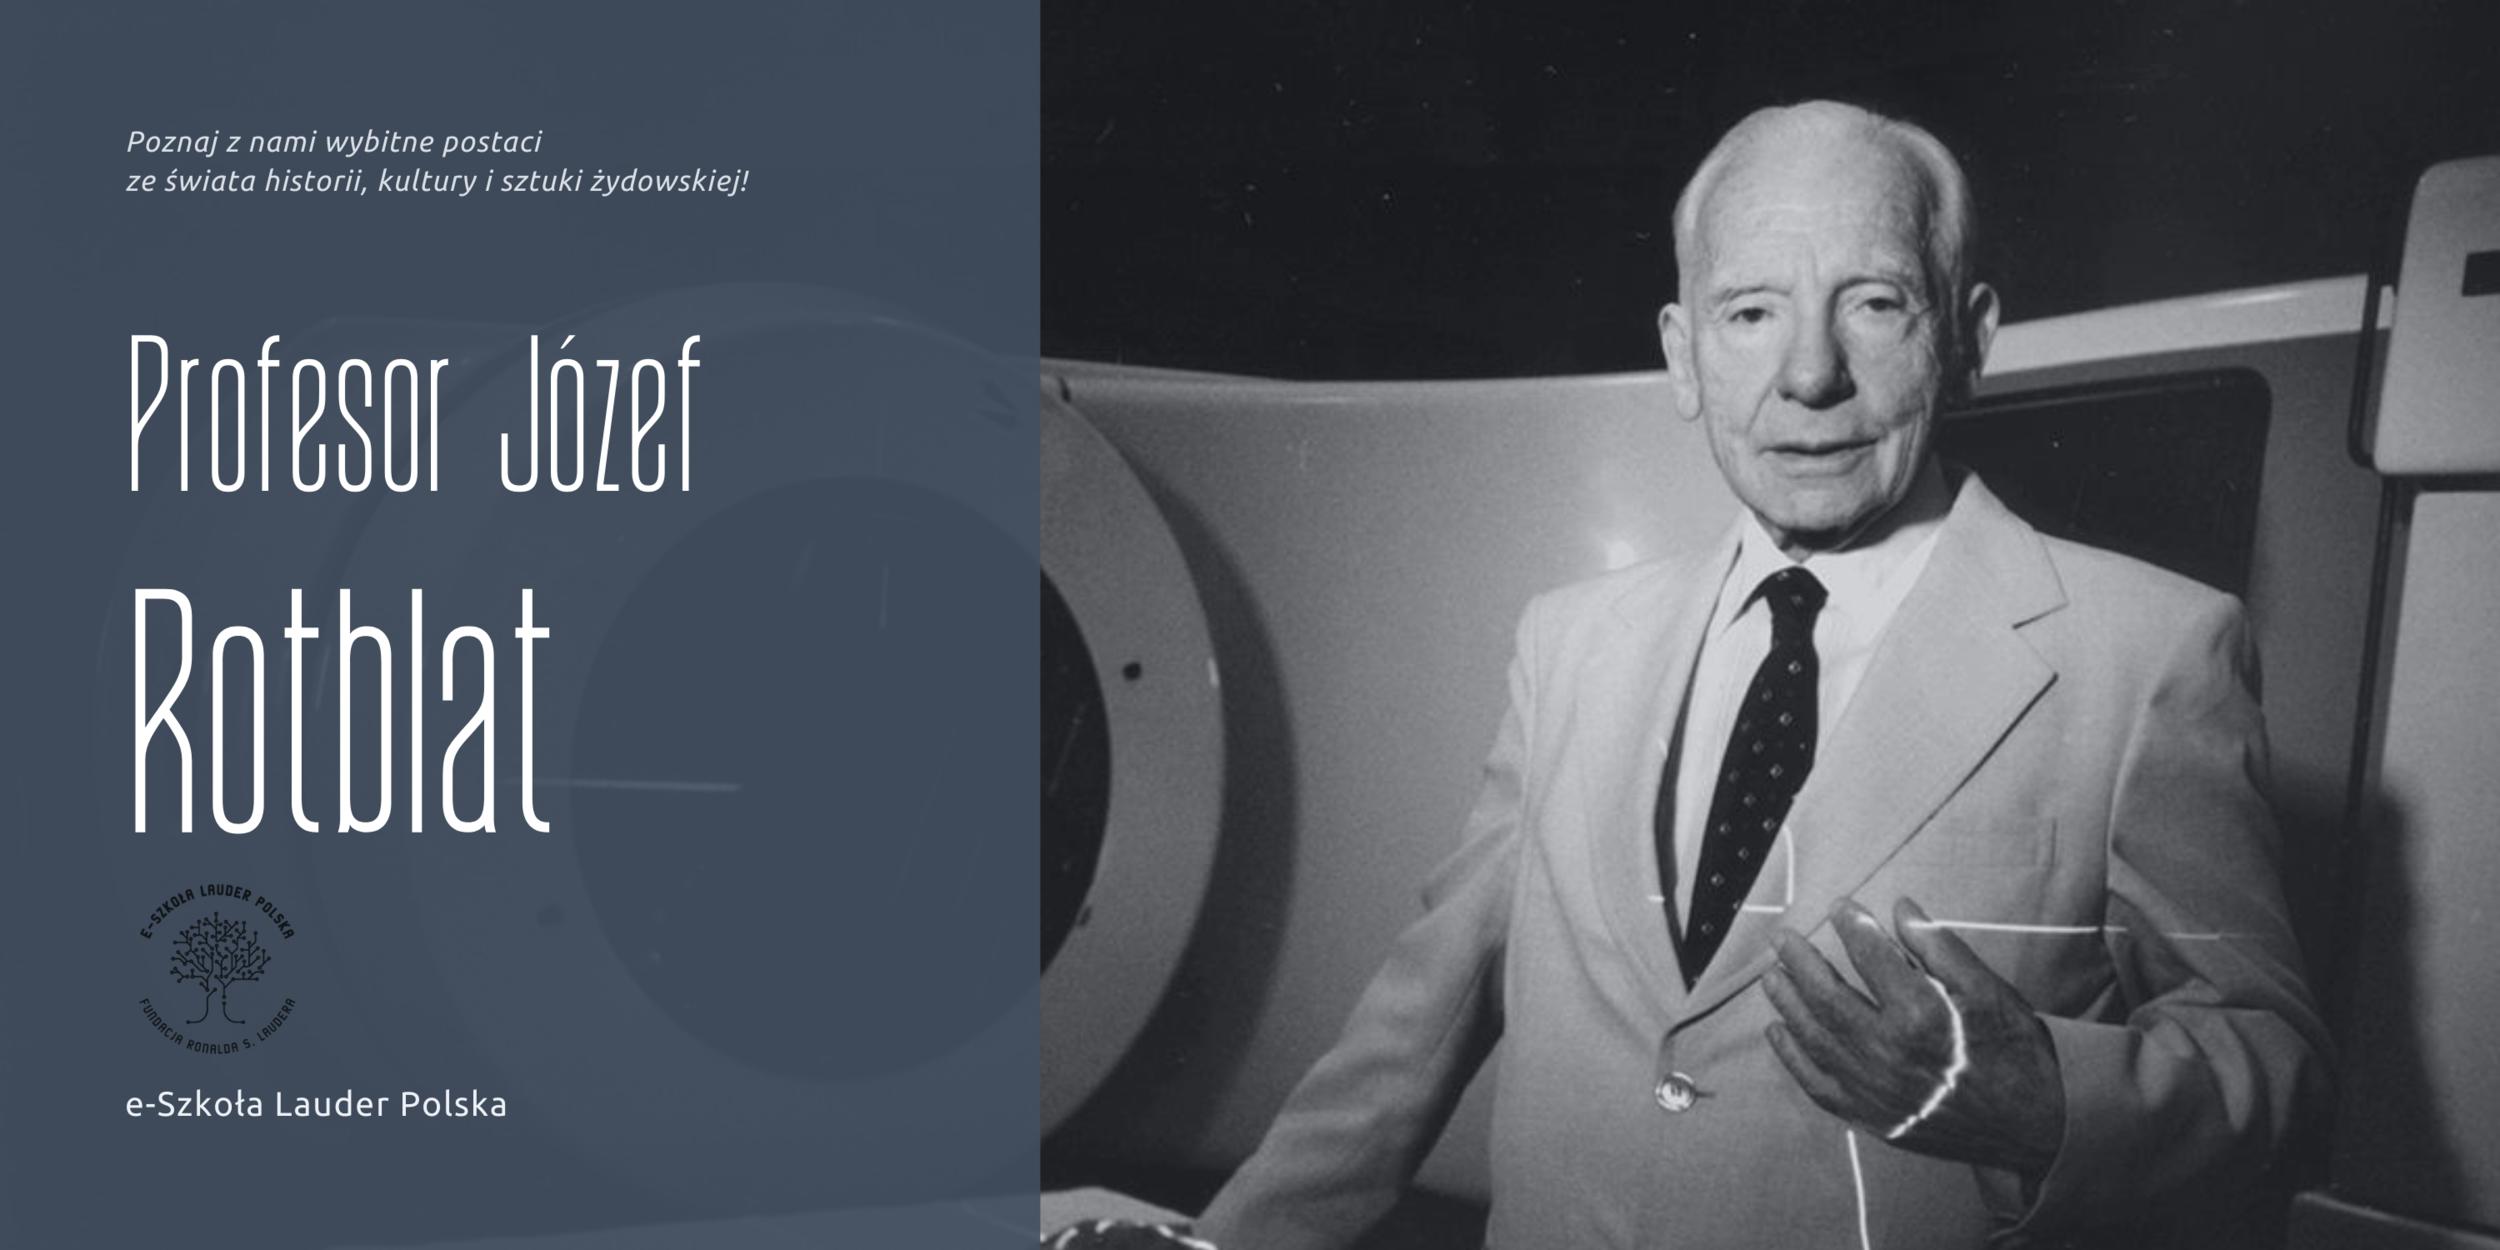 Józef Rotblat: genialny fizyk i laureat Pokojowej Nagrody Nobla